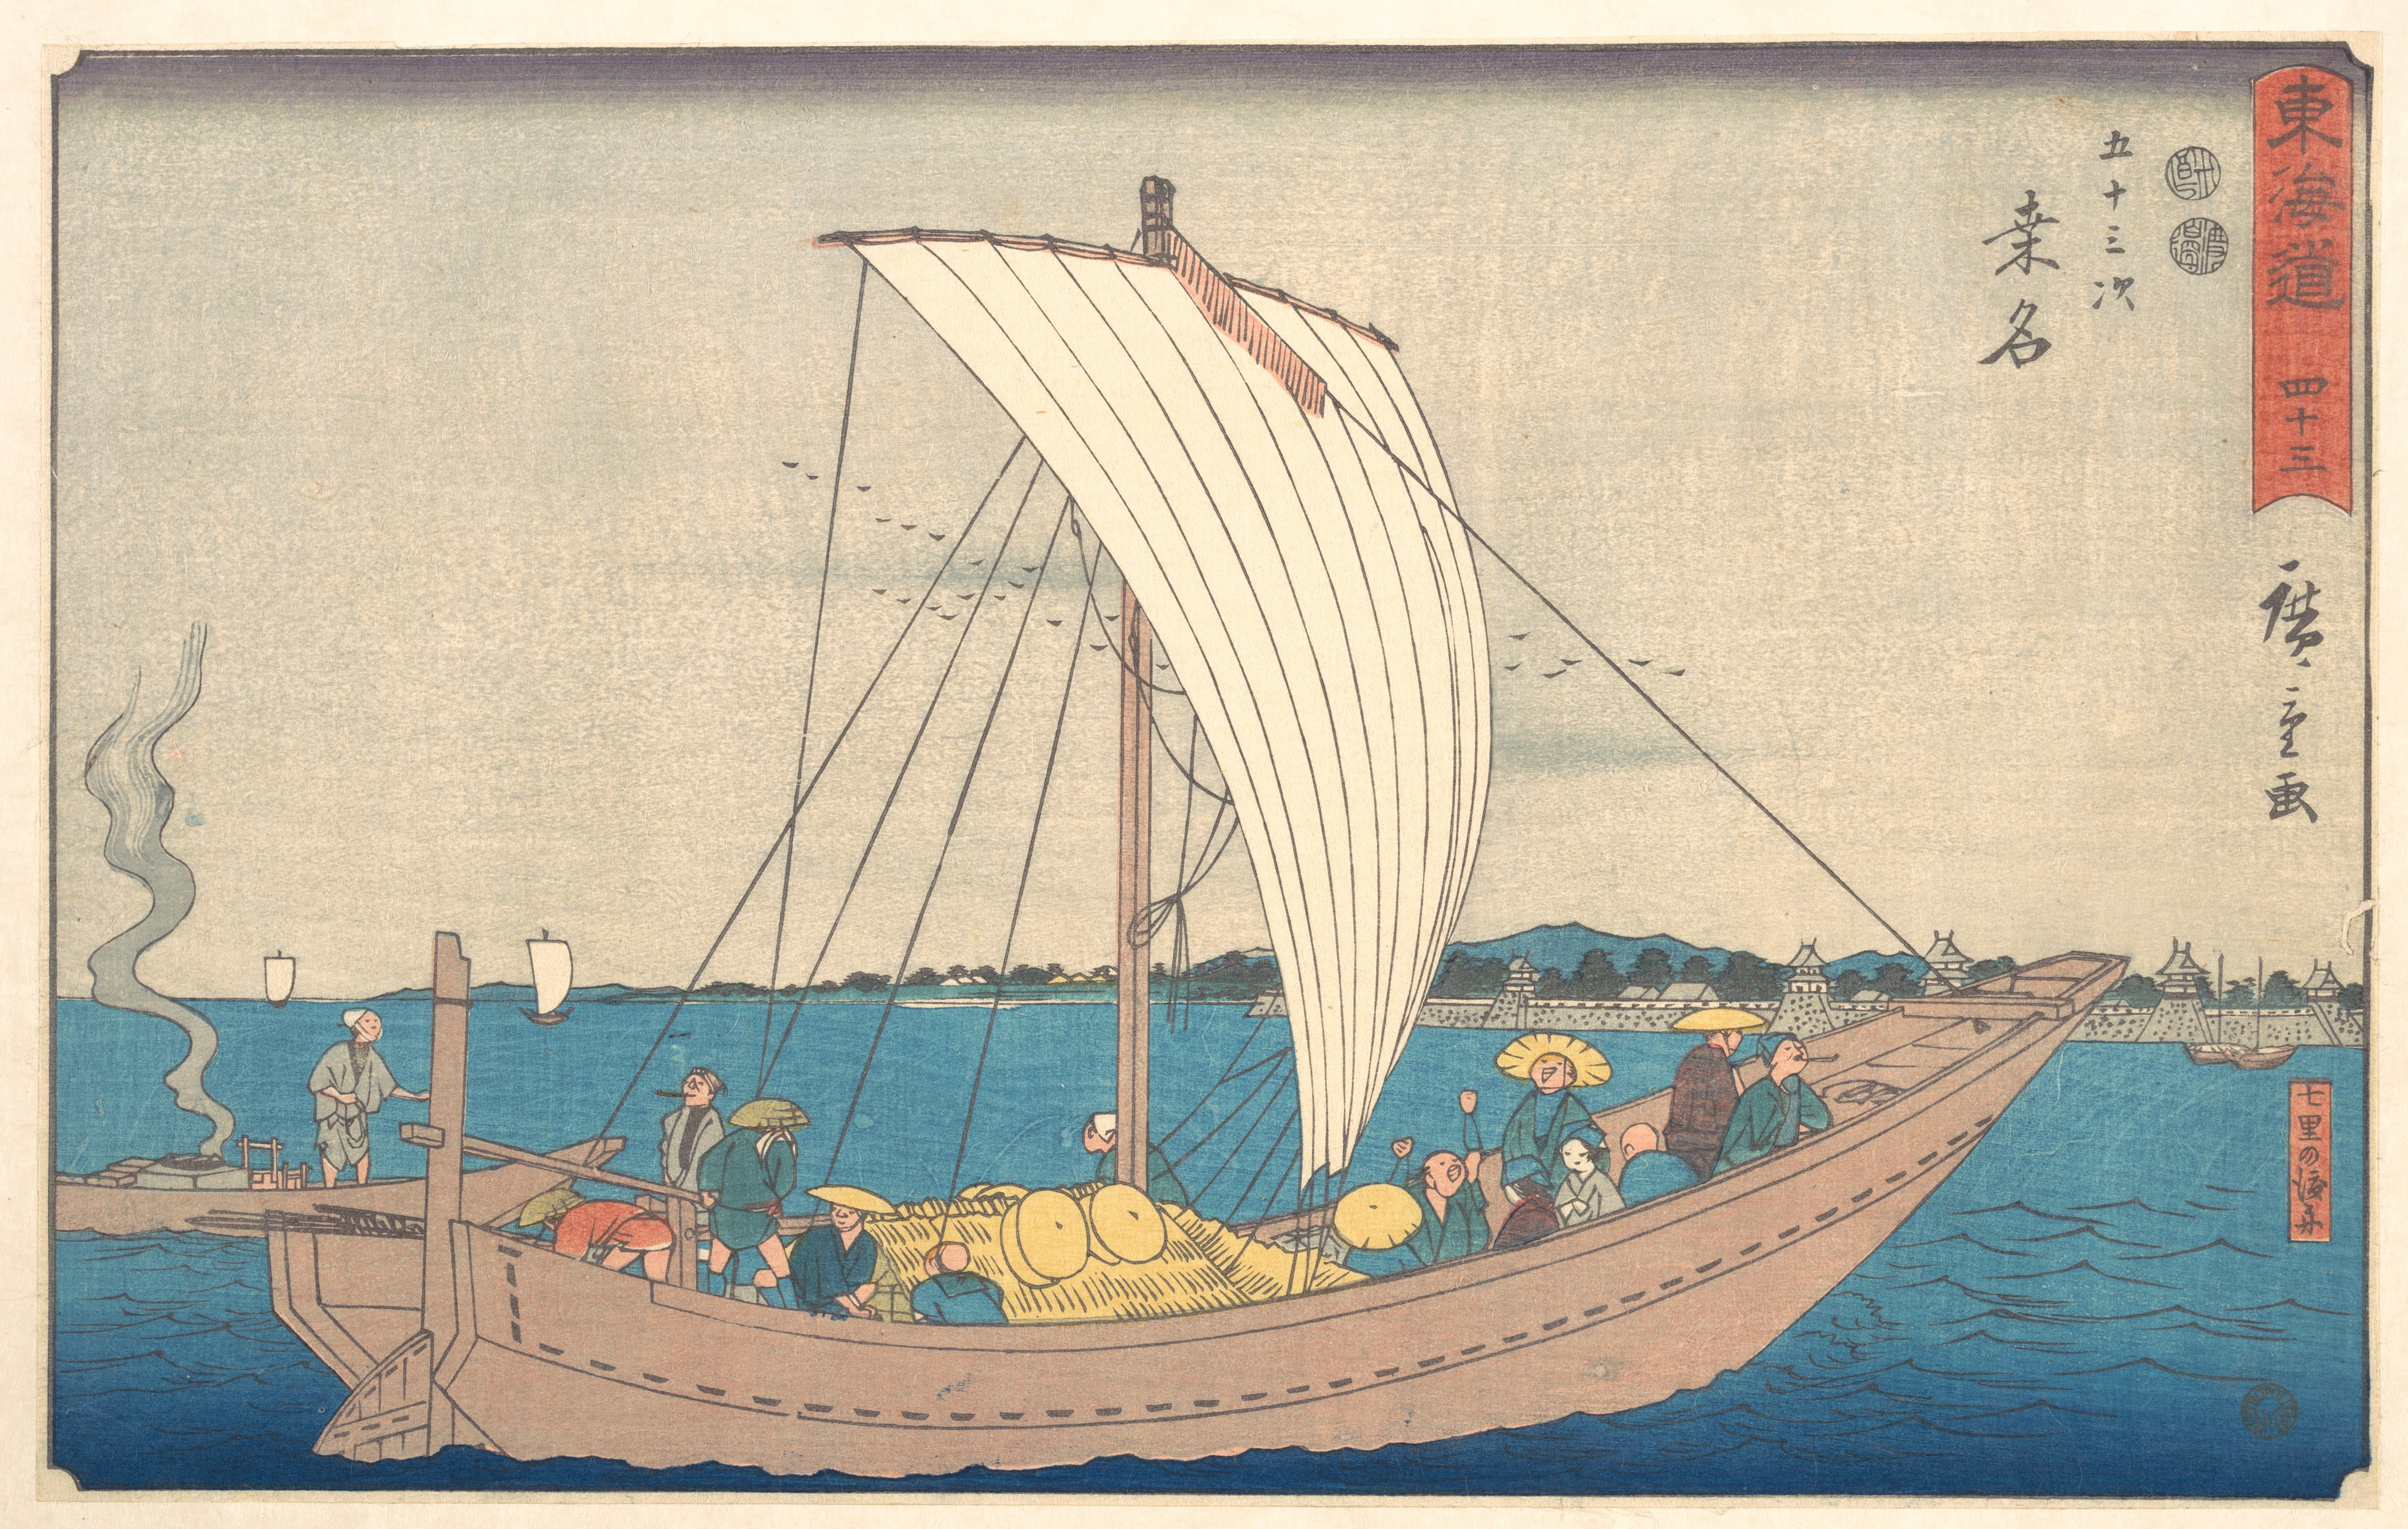 次 十 東海道 五 三